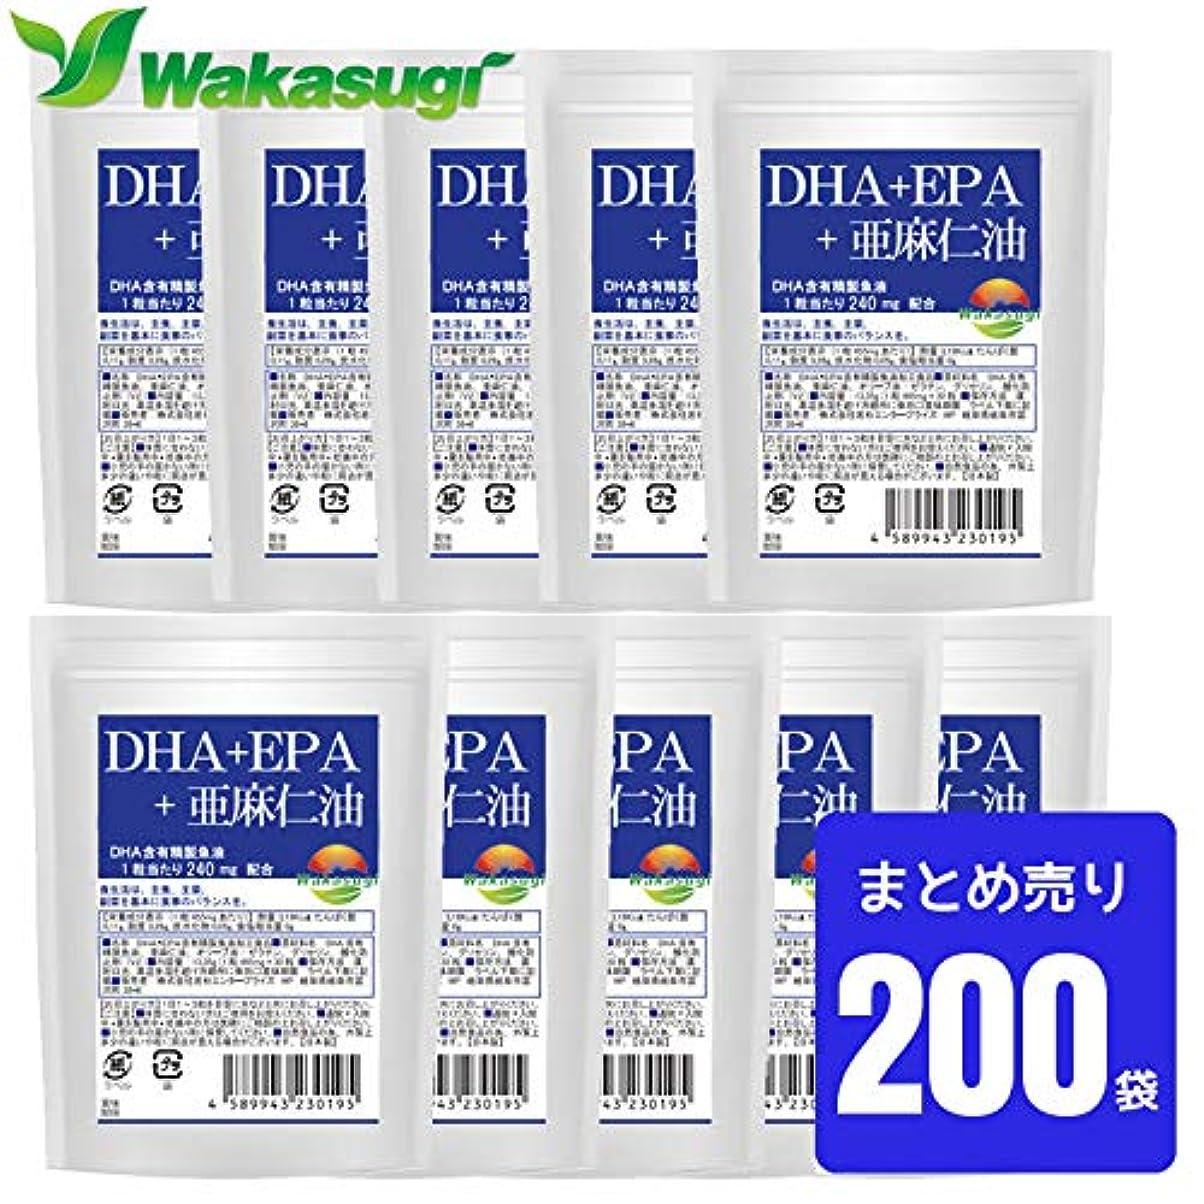 アピール鬼ごっこ審判DHA+EPA+亜麻仁油 ソフトカプセル30粒 200袋 合計6,000粒 まとめ売り